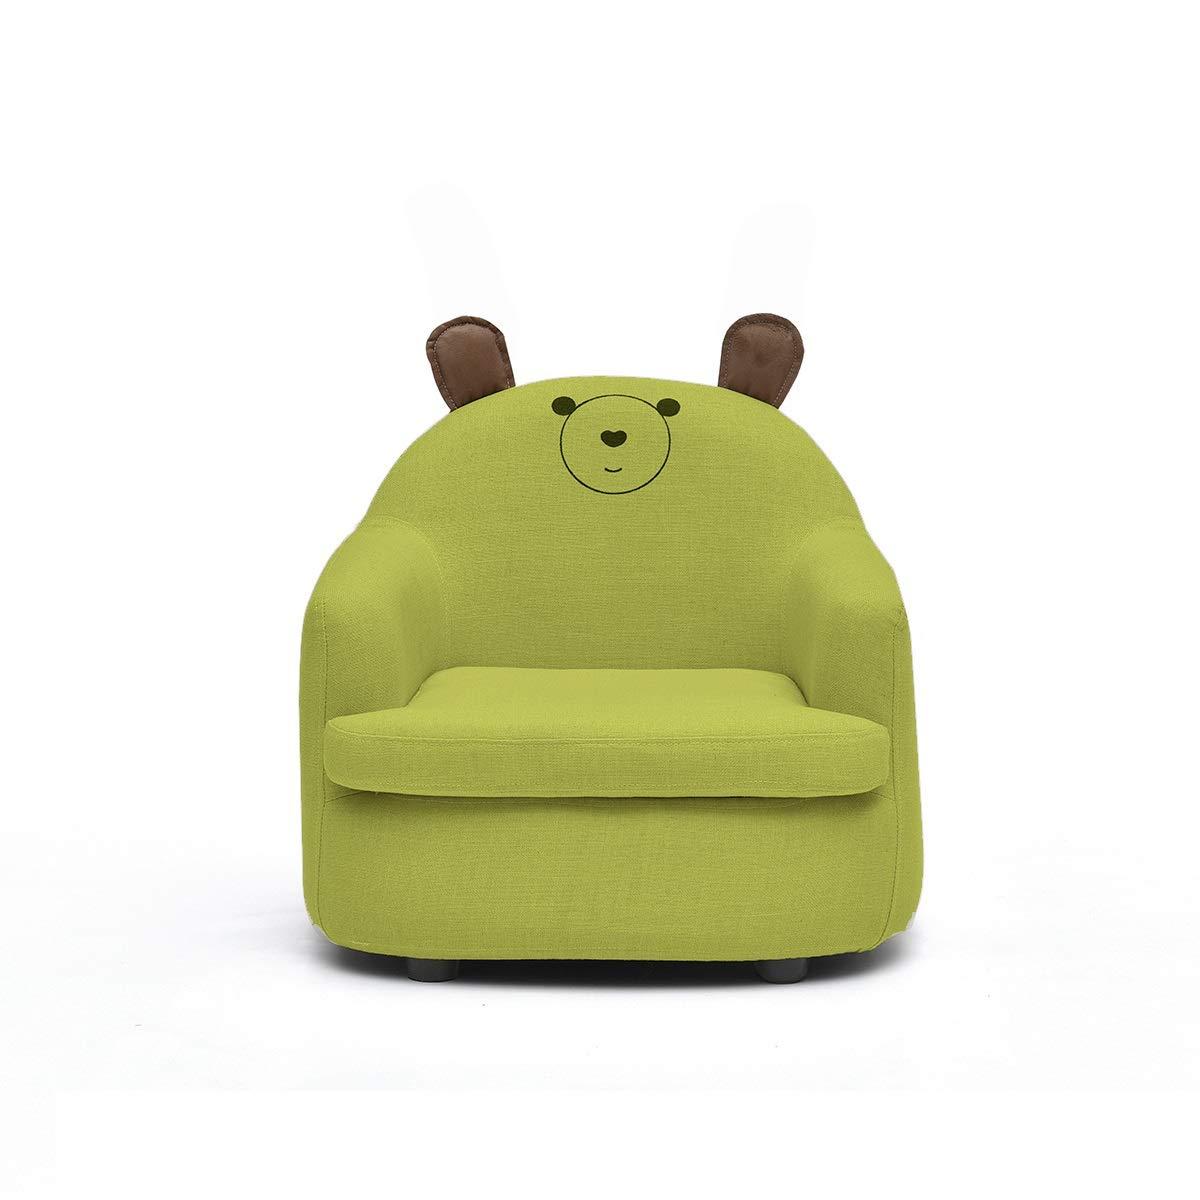 GX&XD Cartoon Bequeme Schaumstoff Kindersofa,Atmungsaktive Komfort Sitzen Lernen Kindersessel Single PU Polstermöbel Kindercouch Für vorschul-Kinder Kindermöbel-C M